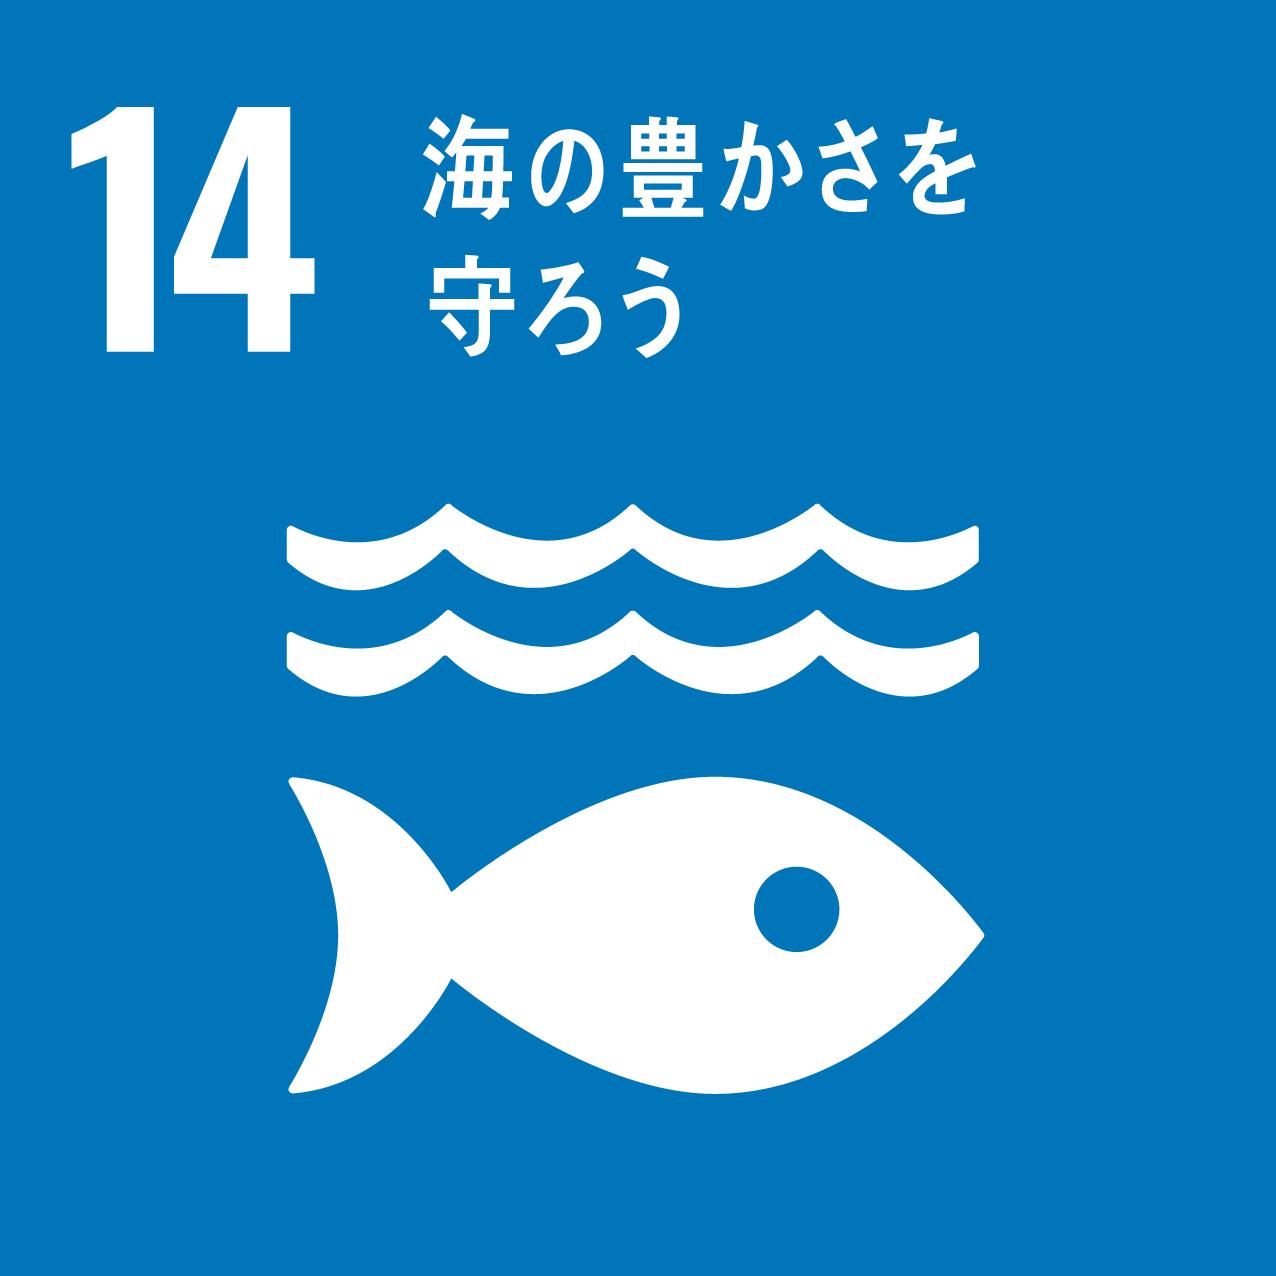 SDGs目標アイコン 14.海の豊かさを守ろう